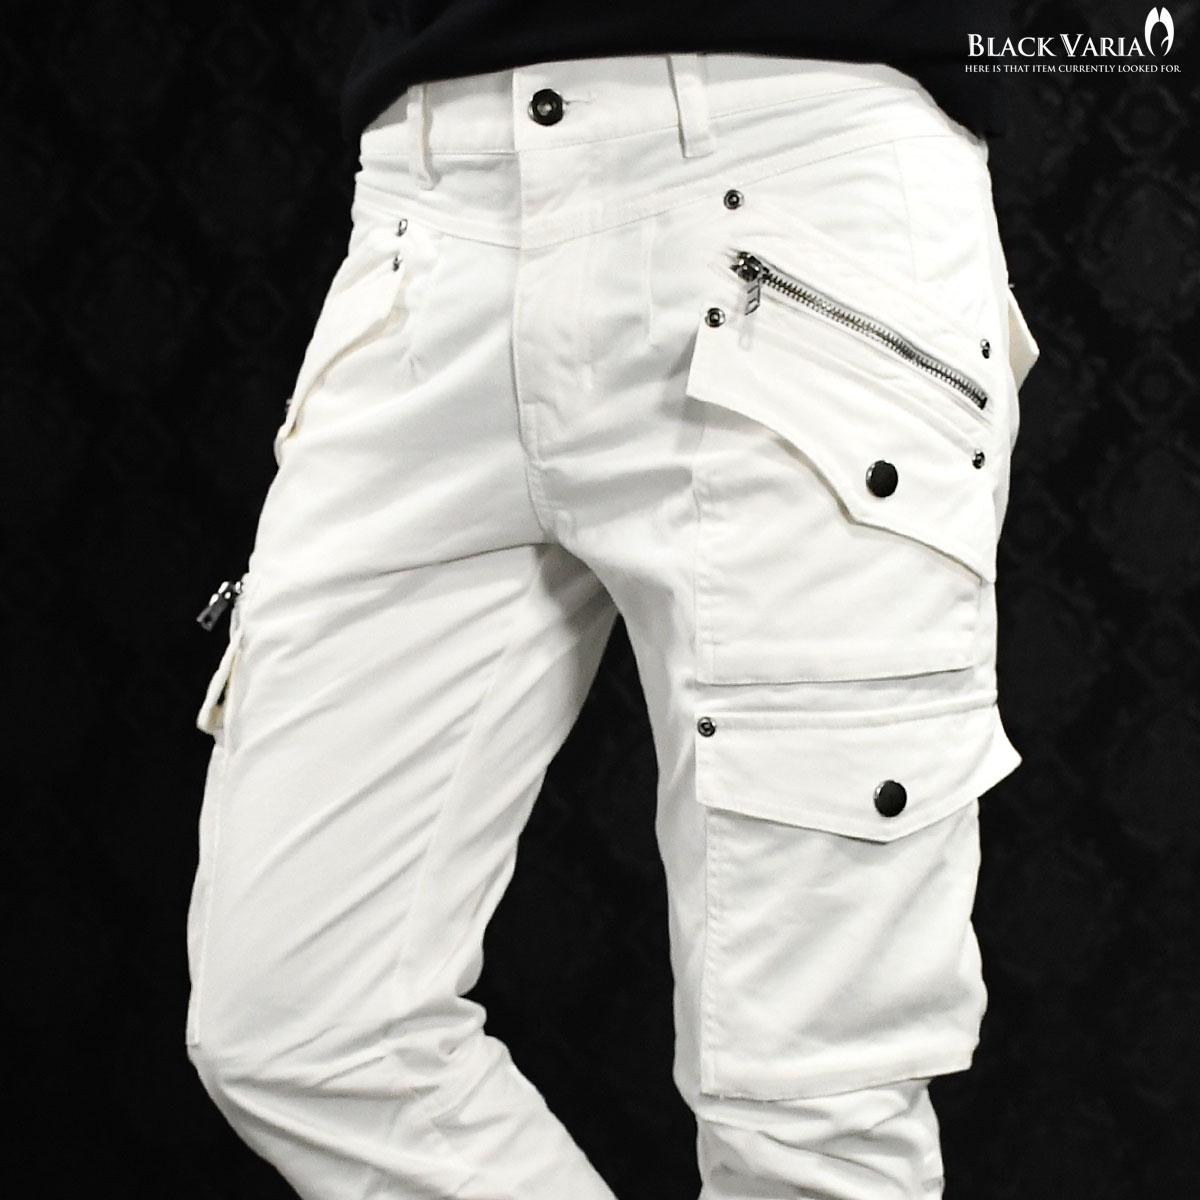 カーゴパンツ ストレッチ ポケット メンズ ファスナー ブッシュパンツ 無地 ボトムス mens(ホワイト白) 482201